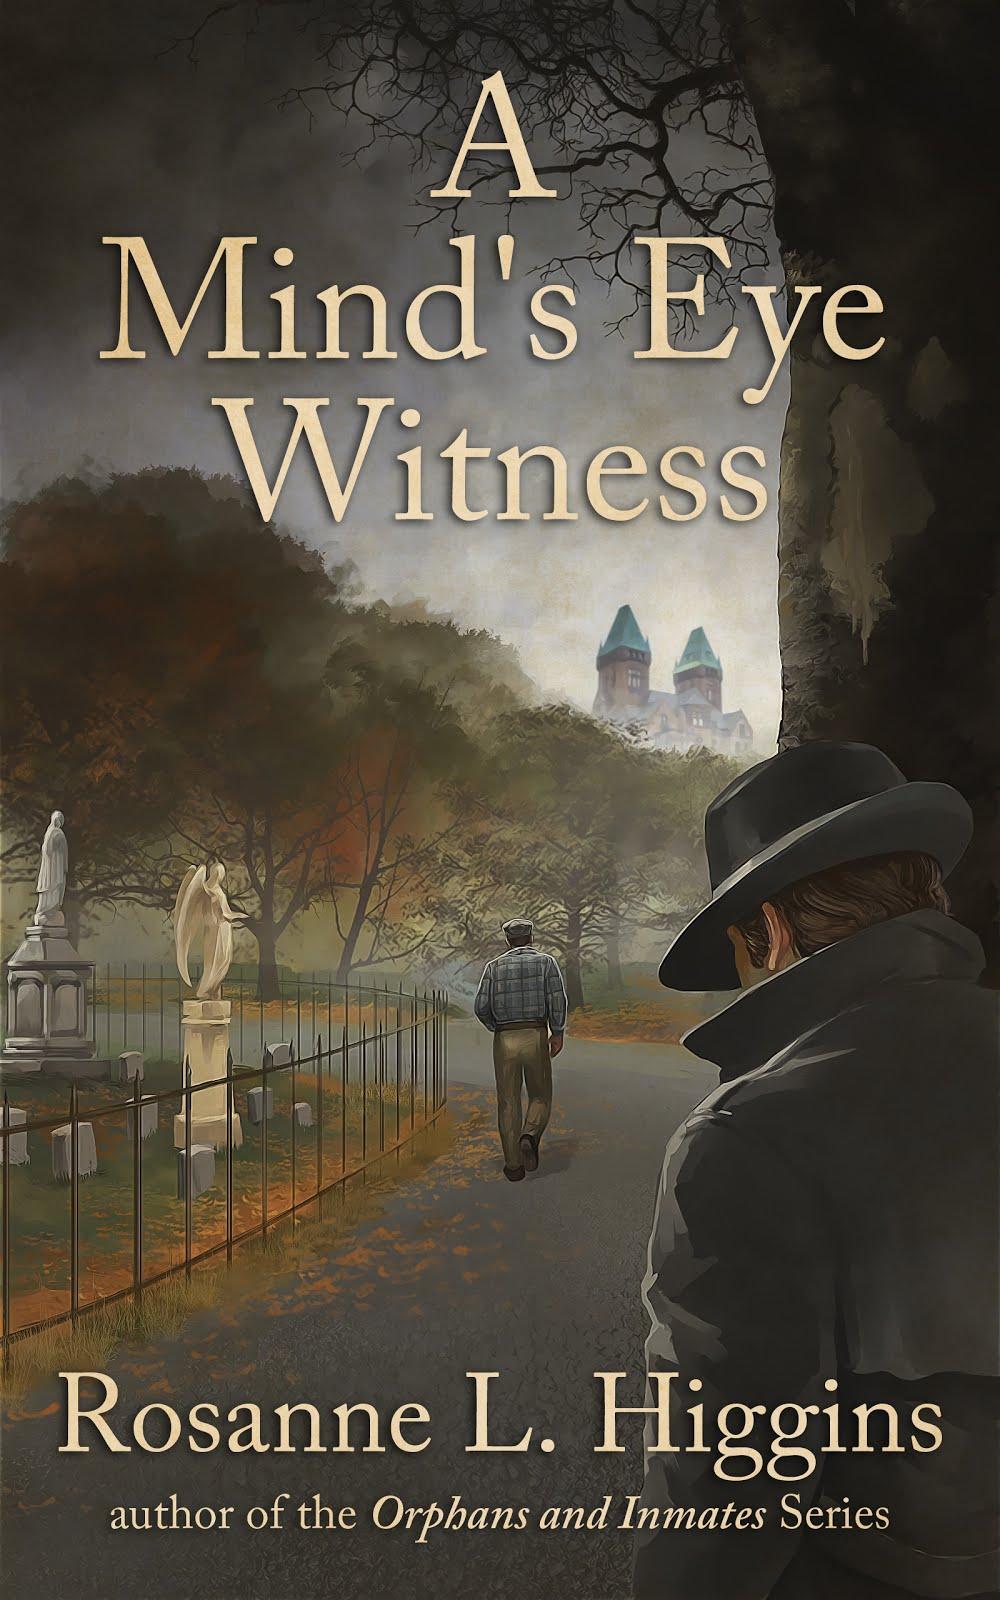 A Mind's Eye Witness